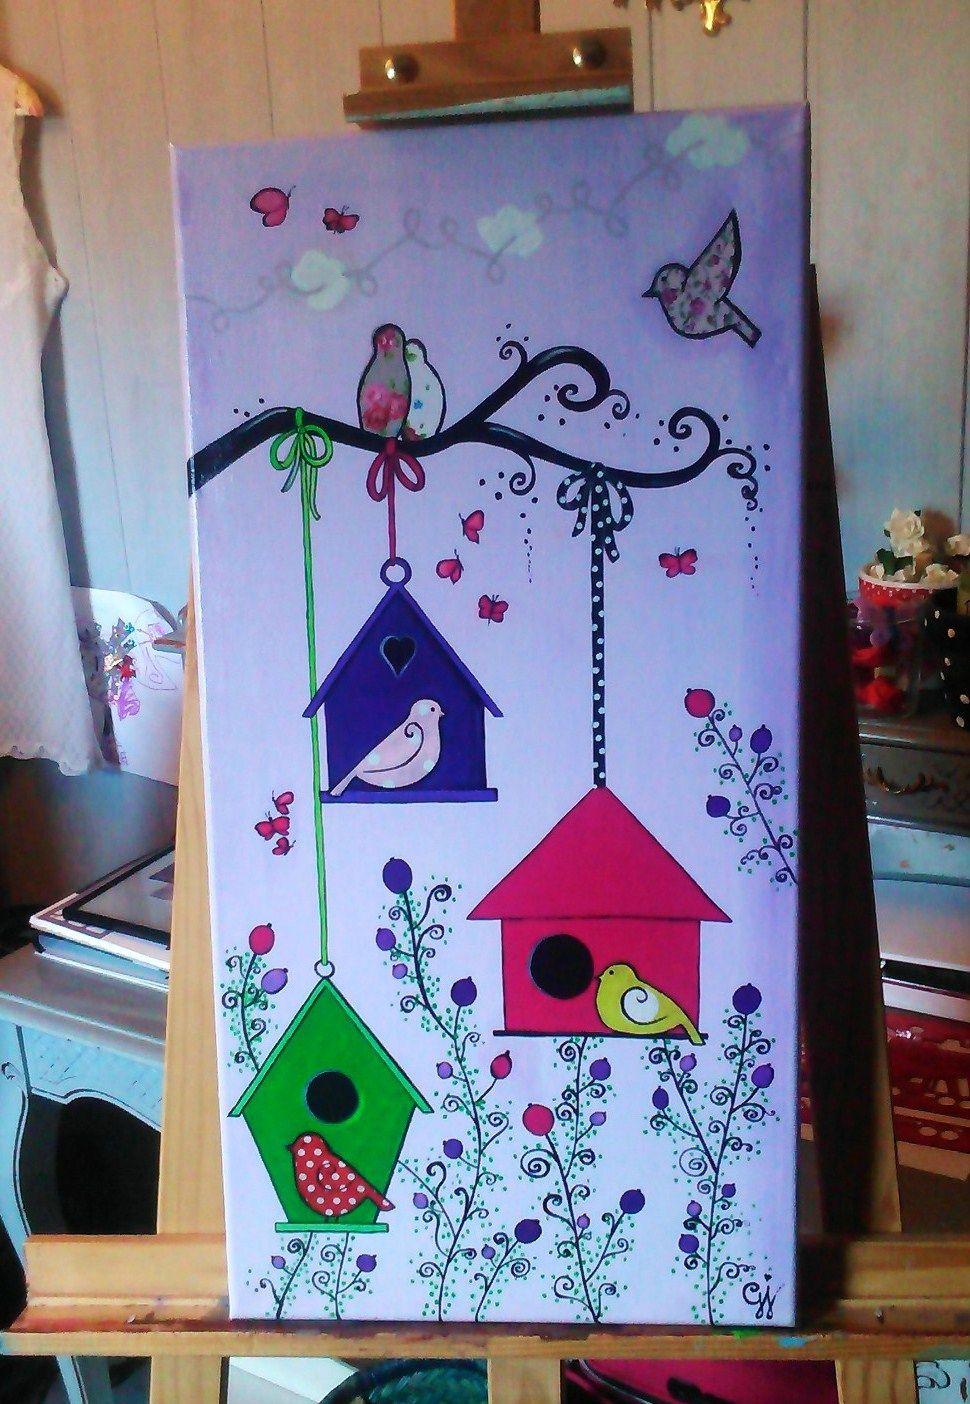 les nichoirs toile acrylique 30x60 cm quel baz 39 art tableaux oiseau pinterest toiles. Black Bedroom Furniture Sets. Home Design Ideas